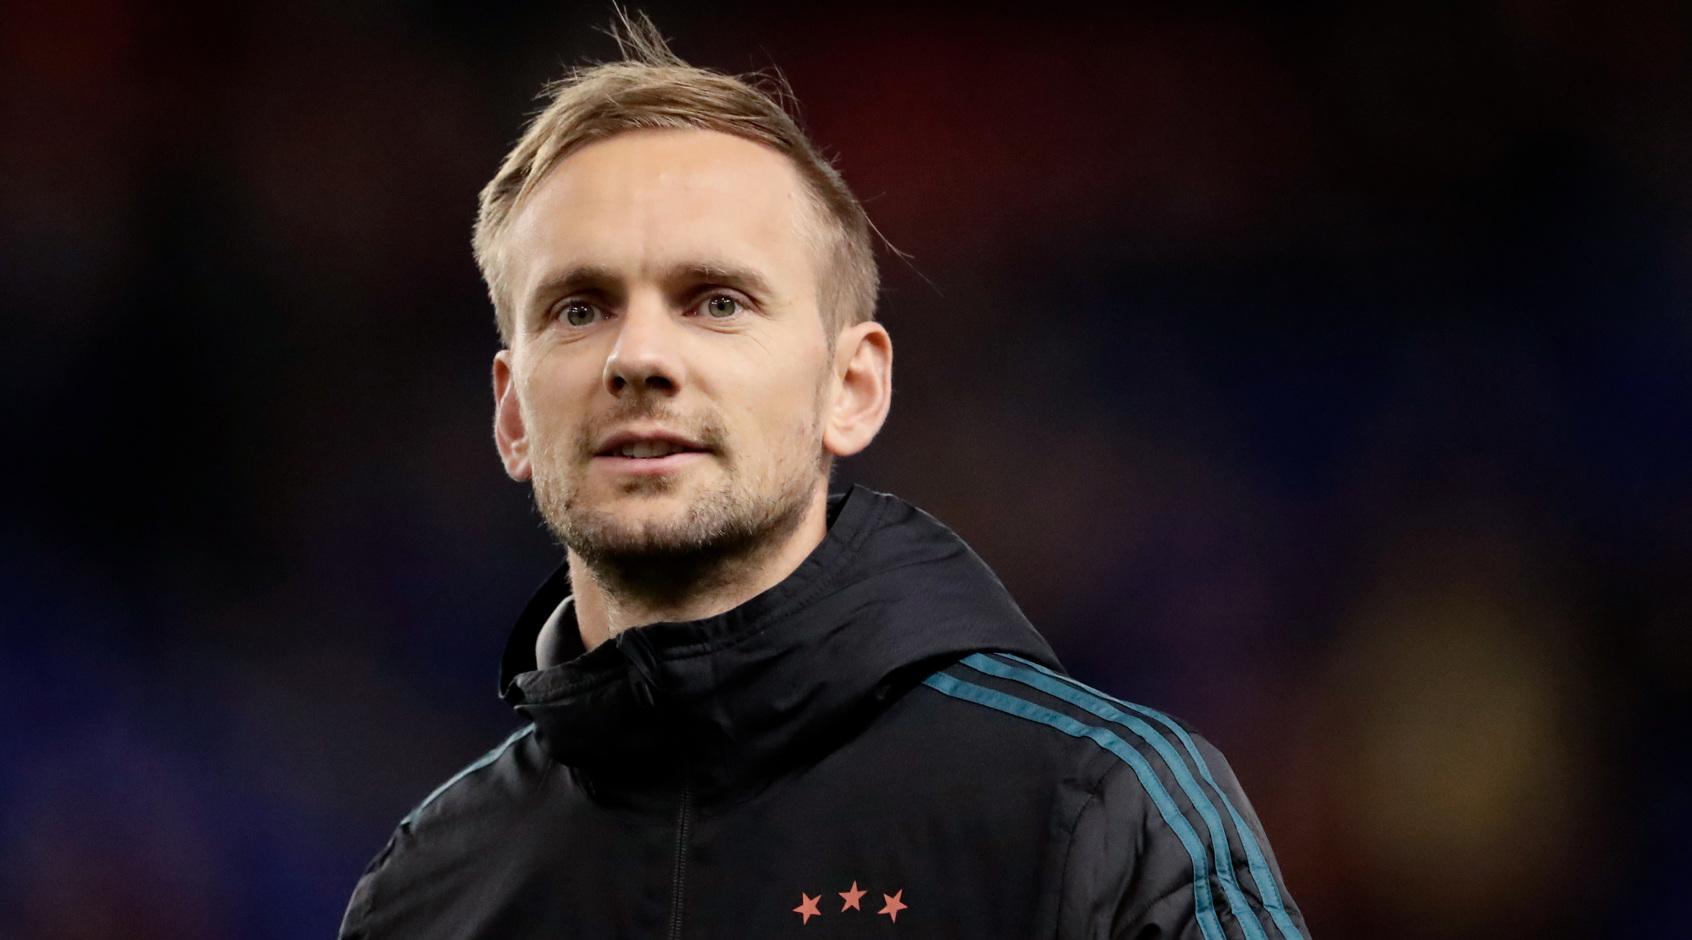 """Полузащитник """"Аякса"""" де Йонг может продолжить карьеру в MLS"""